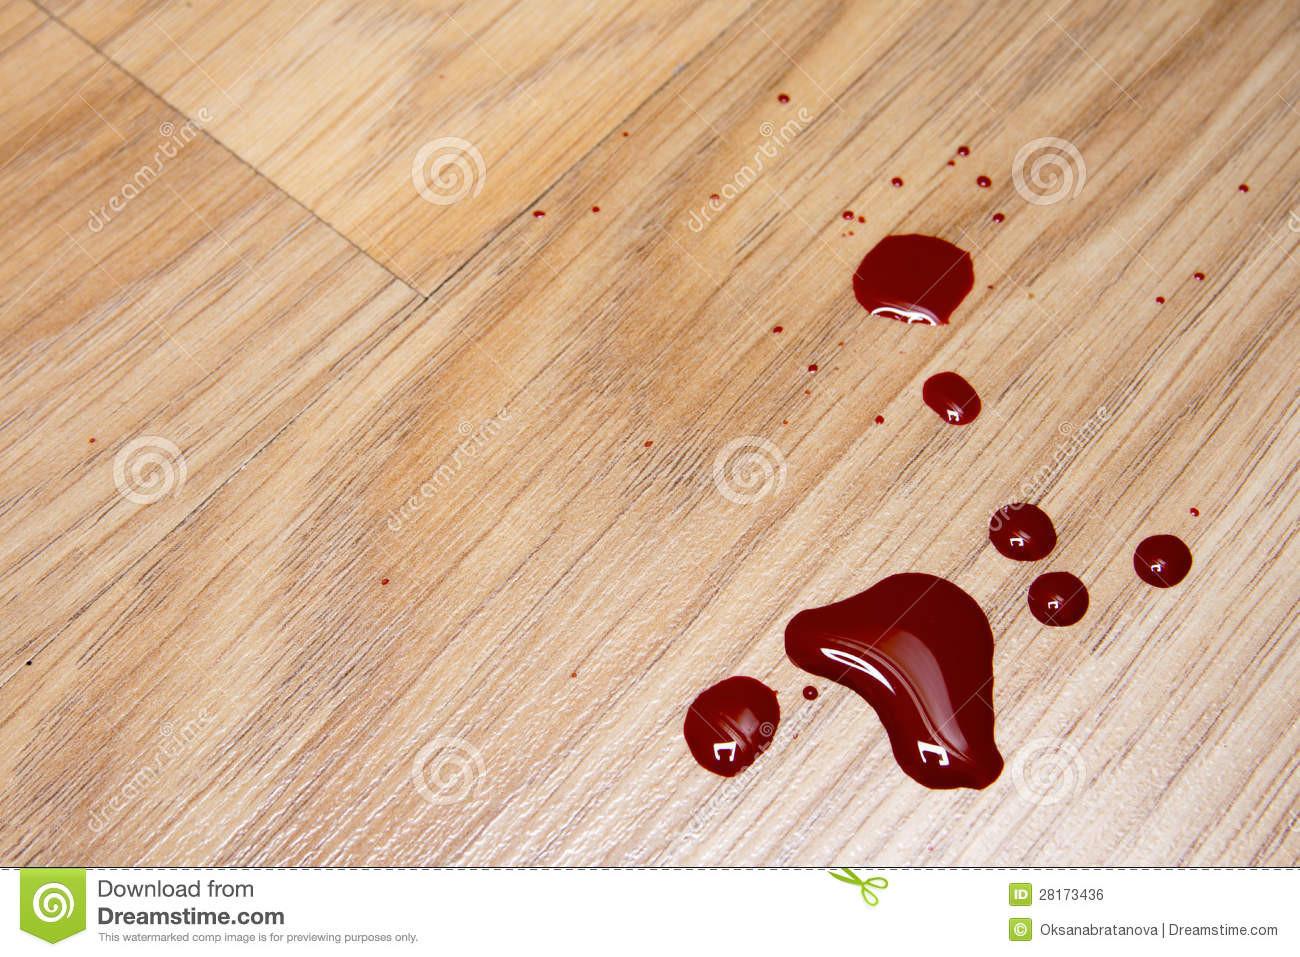 hardwood floor over concrete of blood floor stock photos royalty free pictures regarding blood drops floor 28173436